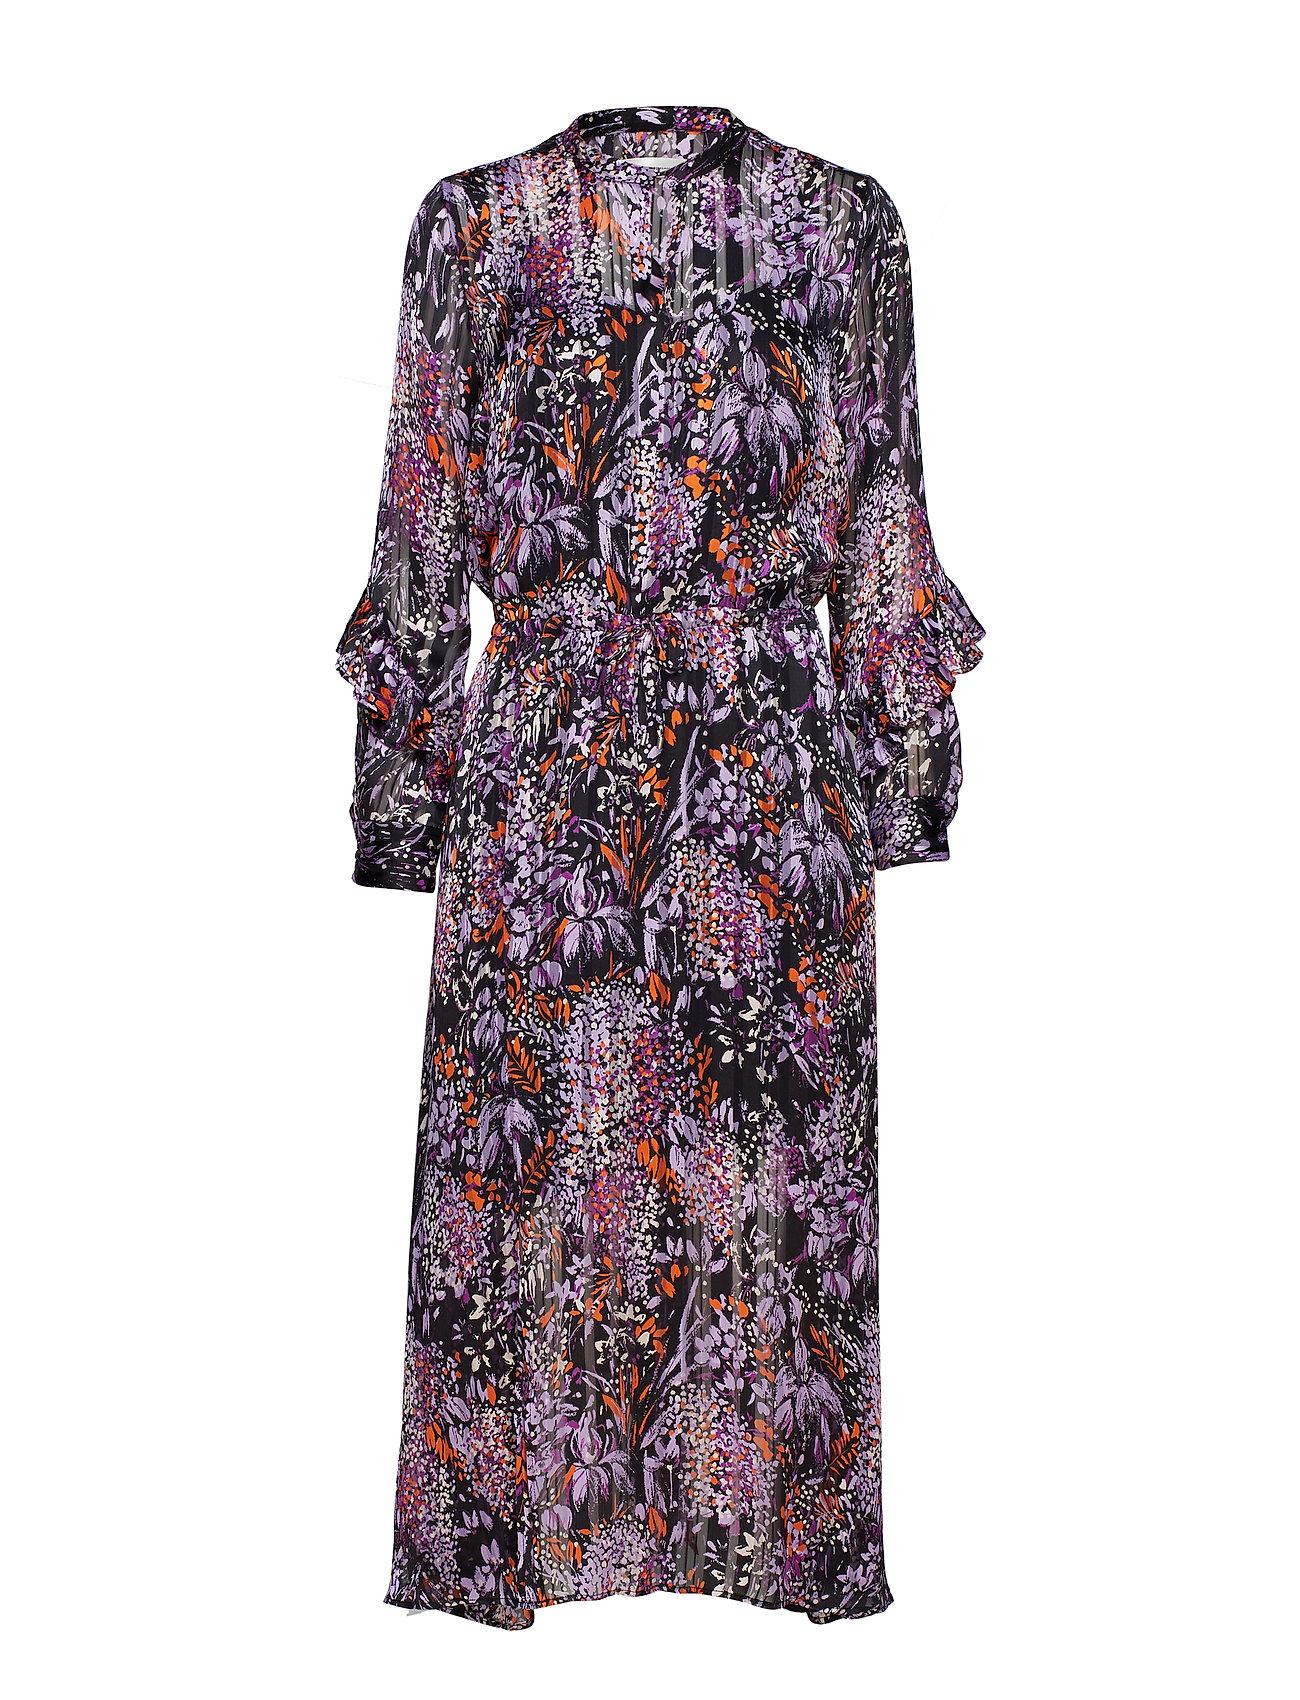 19aefaf7b0f6 Hilma Dress (Purple Flowers) (900 kr) - InWear -